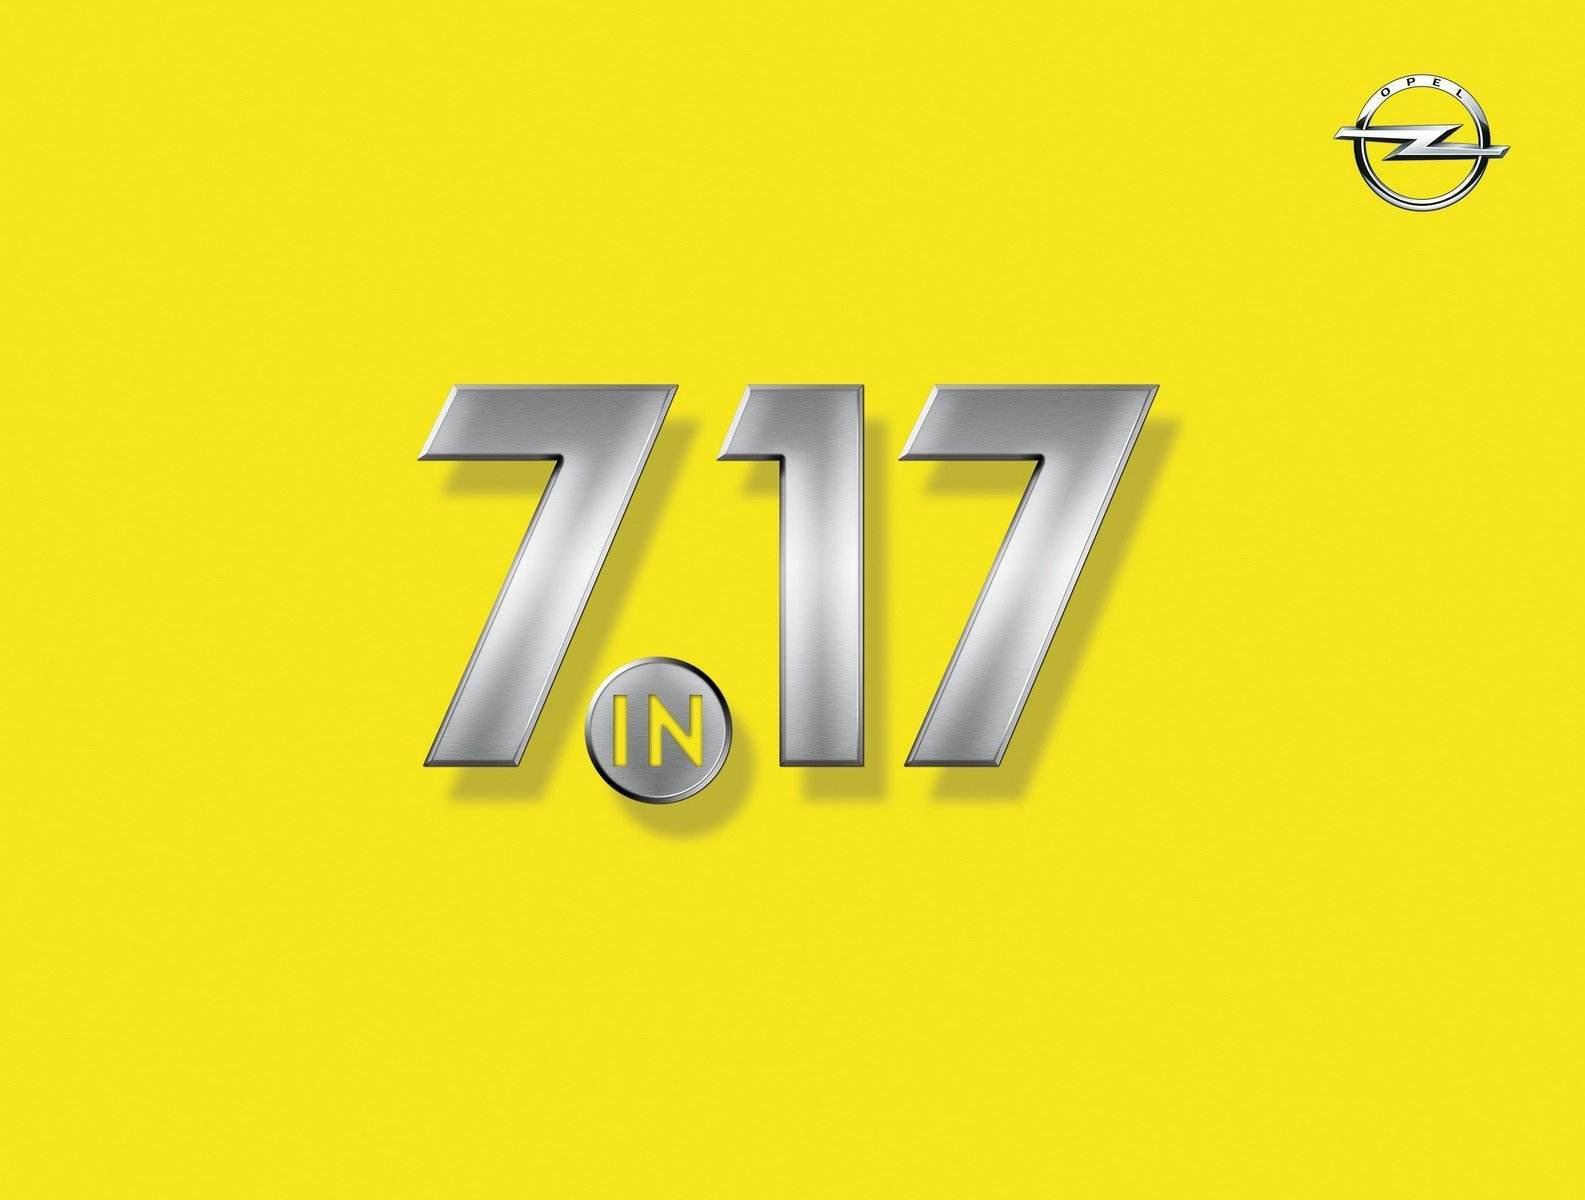 opel-7-in-17-303974